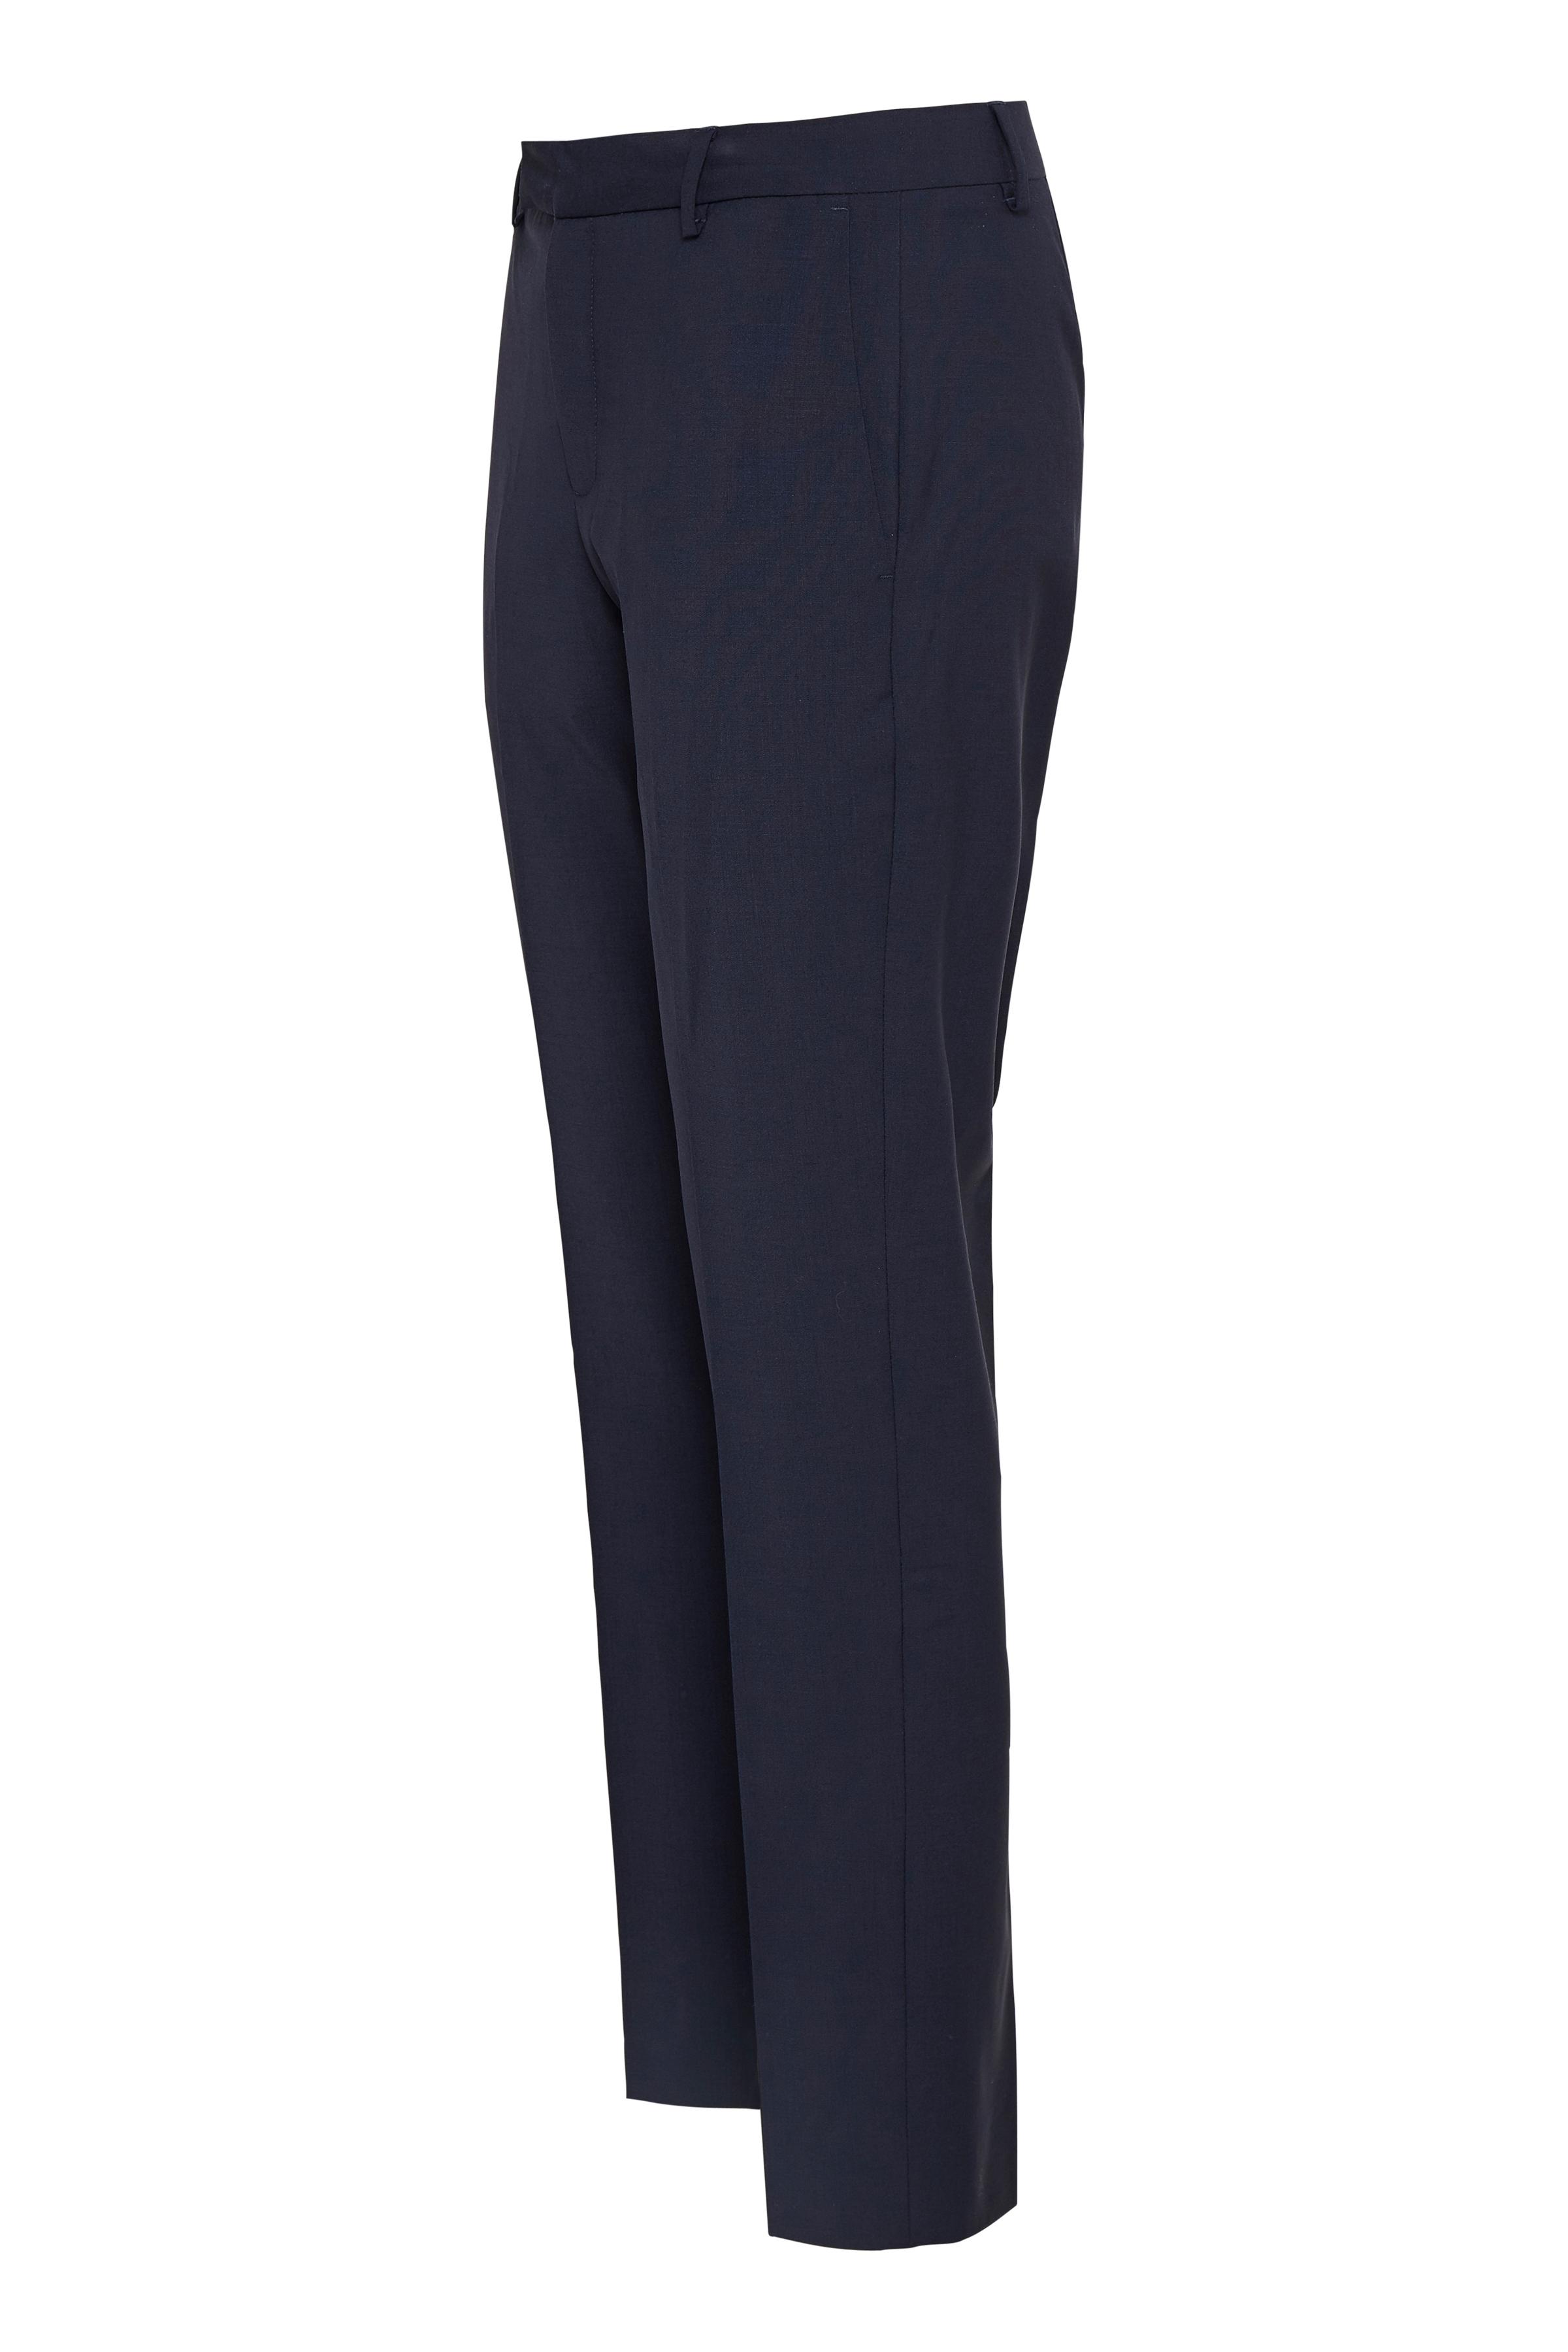 Marine Blue Pants Suiting – Køb Marine Blue Pants Suiting fra str. 32-46 her